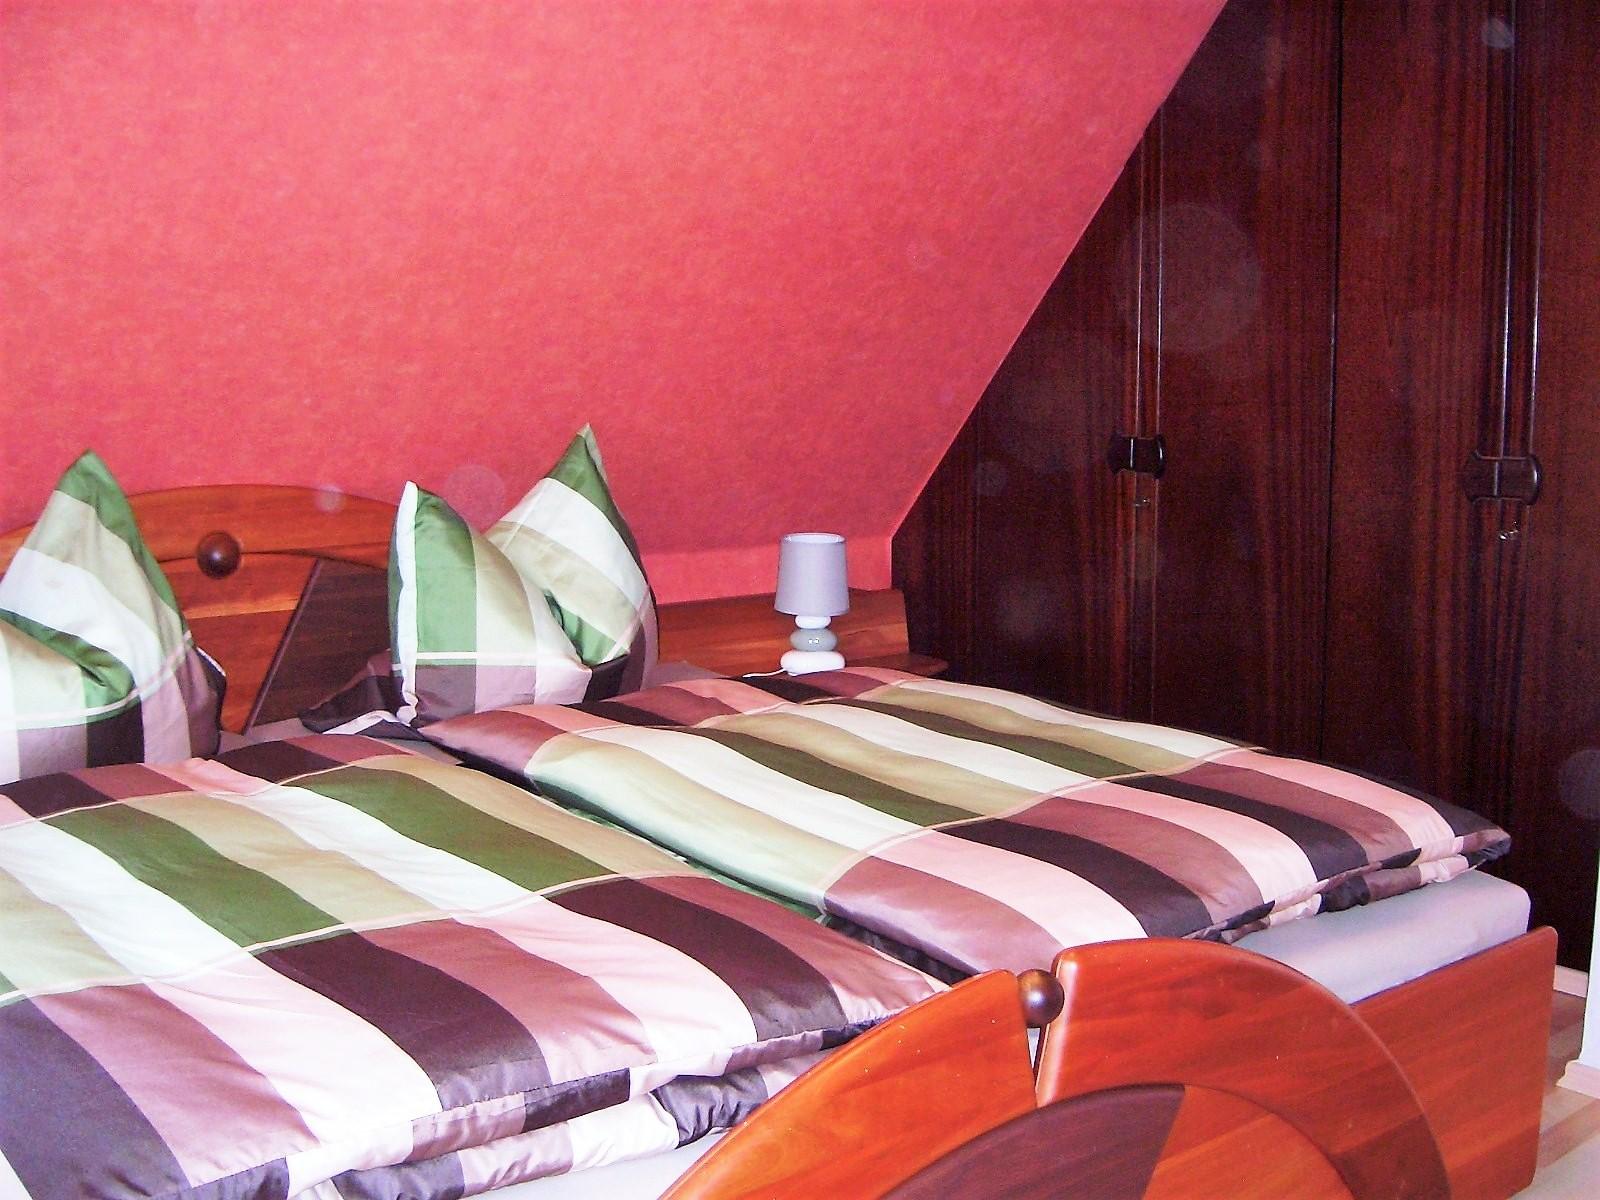 Foto vom Schlafzimmerschrank